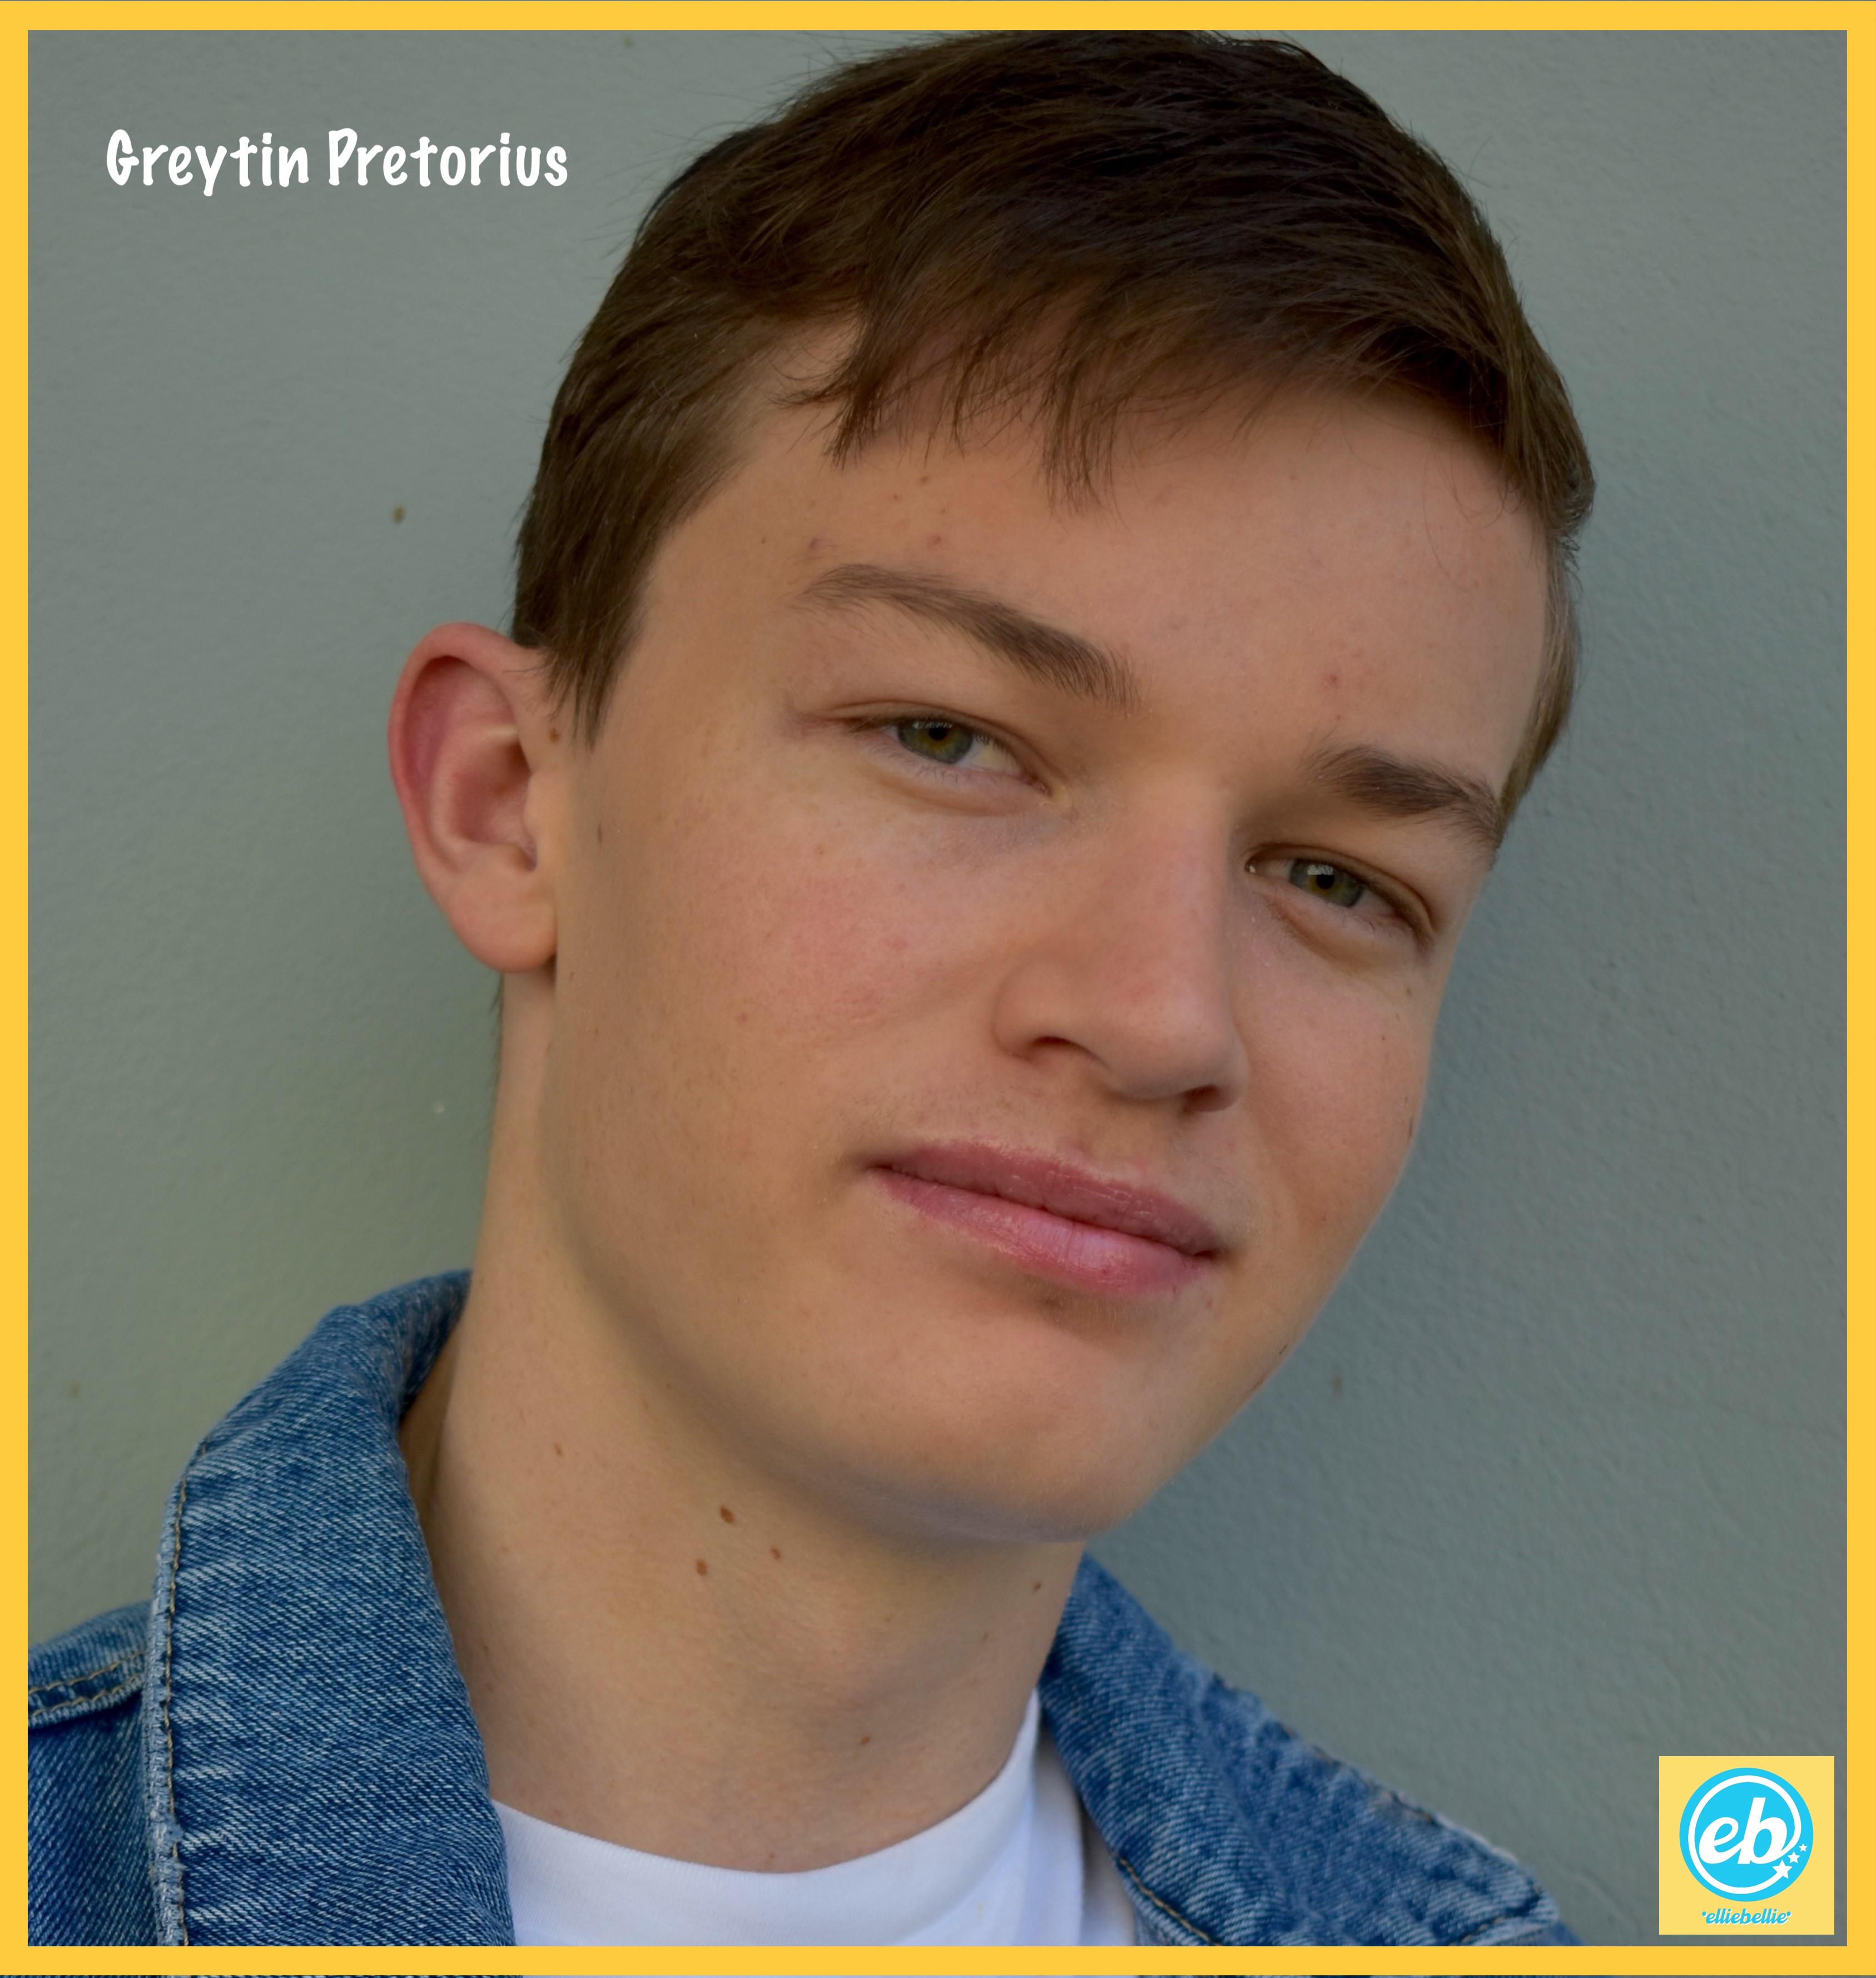 Greytin Pretorius 15 Years